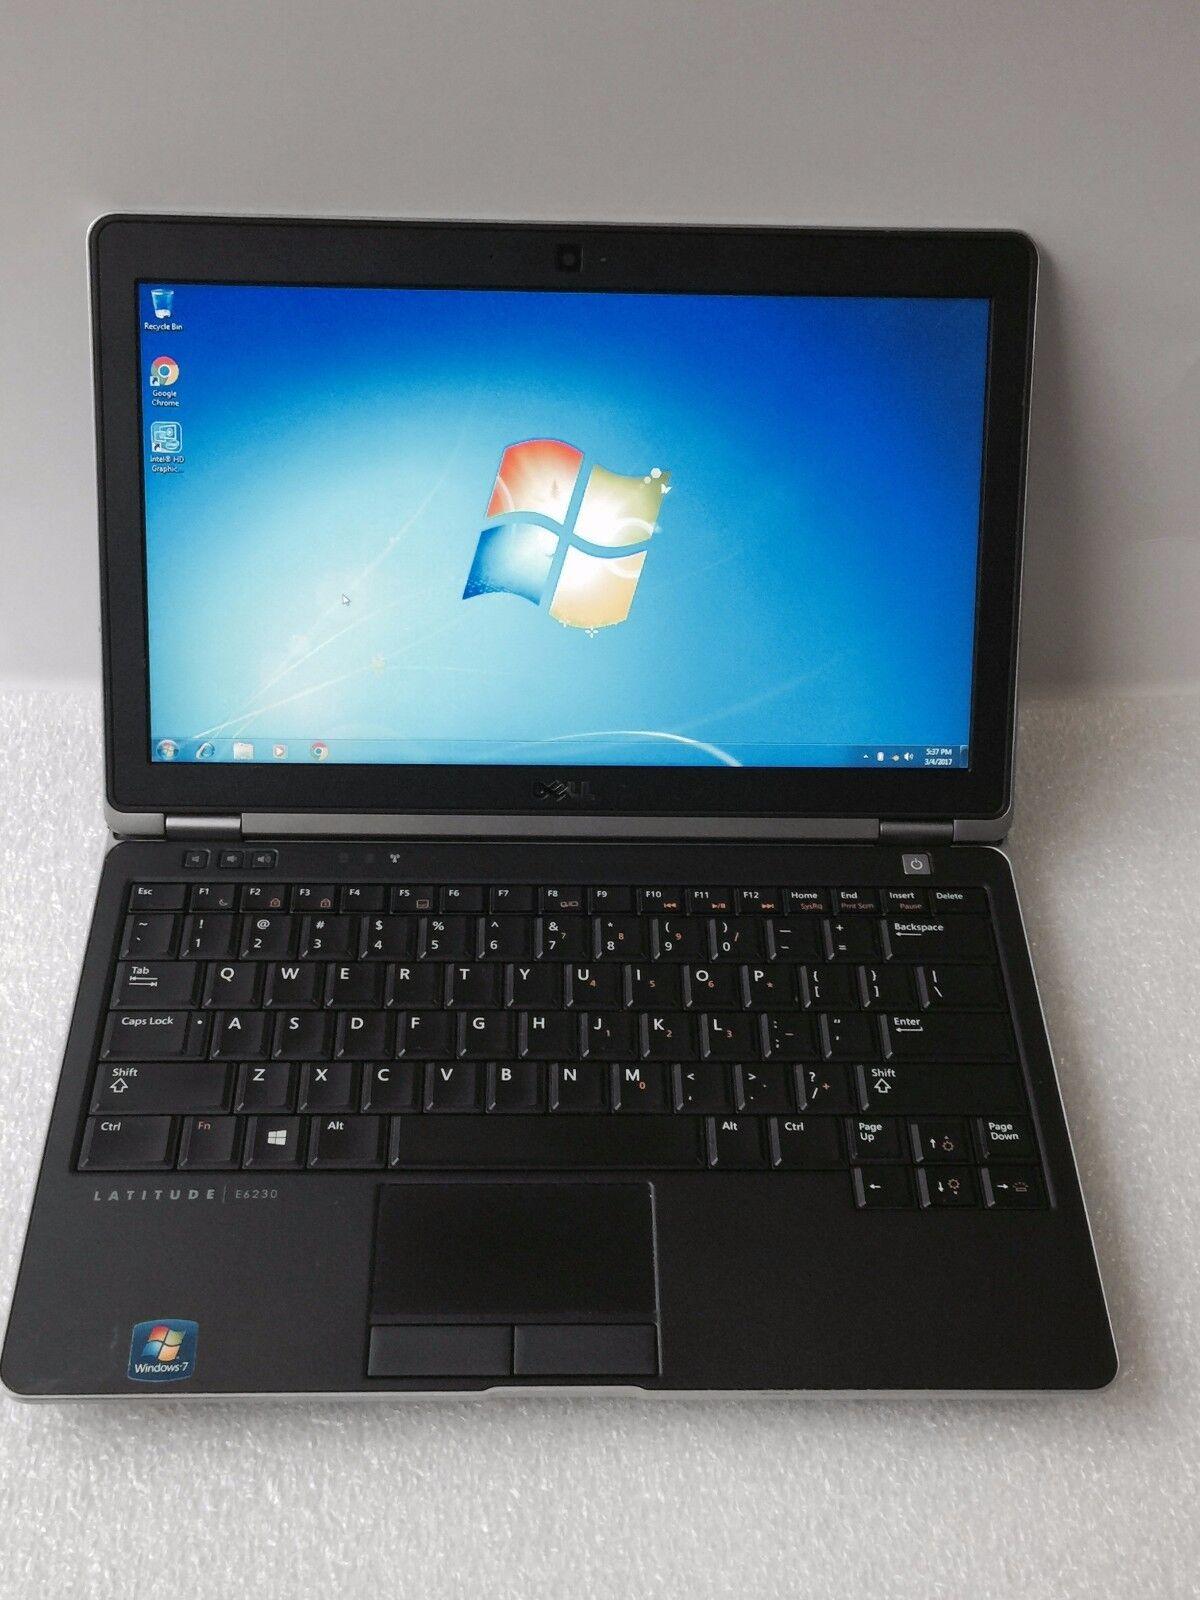 Dell Latitude E6230 i5-3320M 2.6GHz 4GB 500gb Backlit Wireless Win 7 Slim Laptop